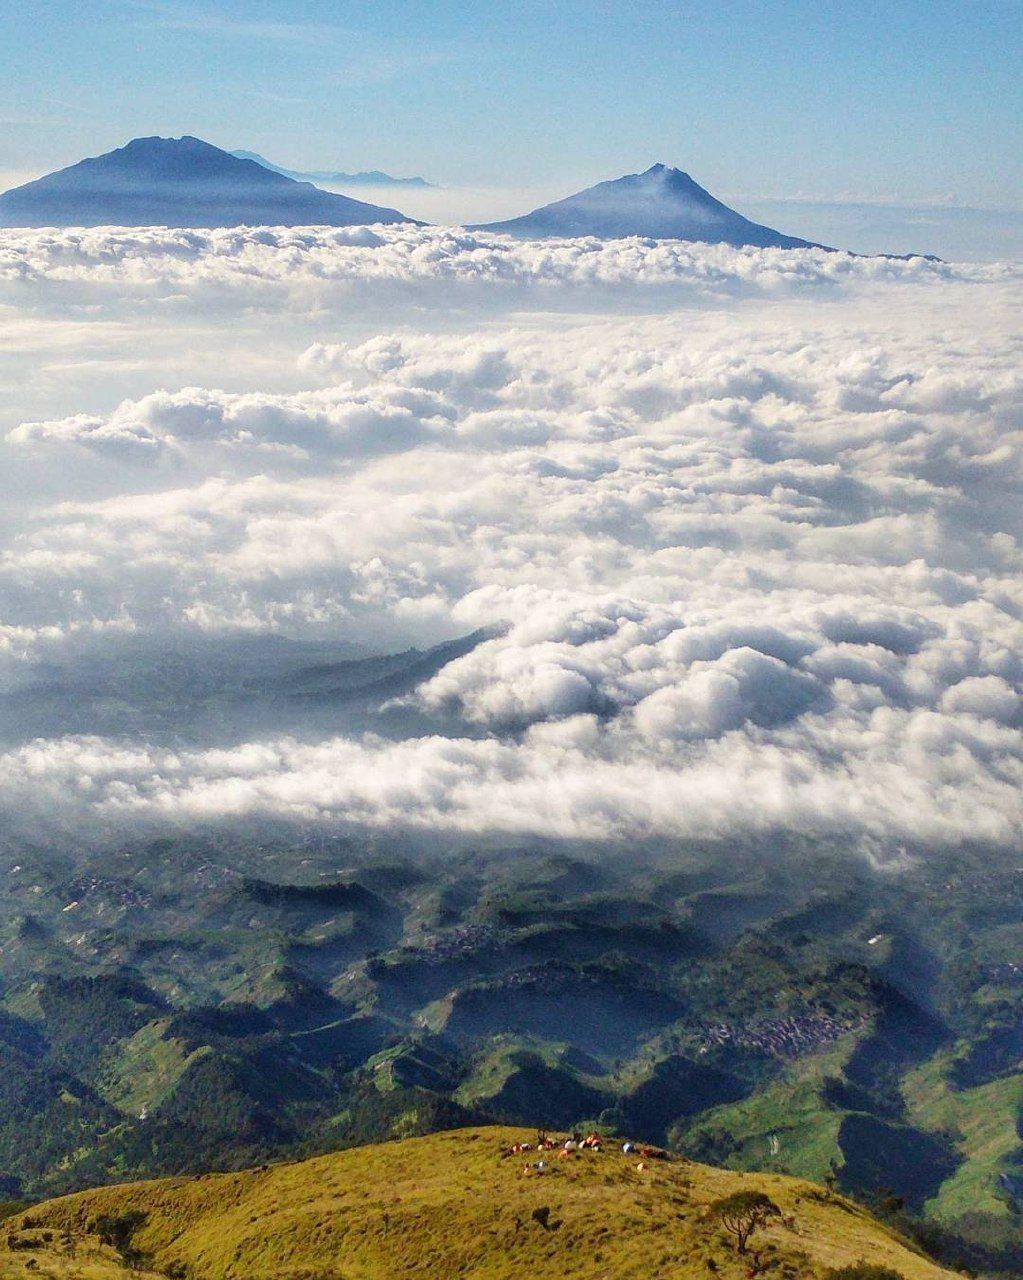 Awan Yang Meliputi Gunung Dengan Gambar Pemandangan